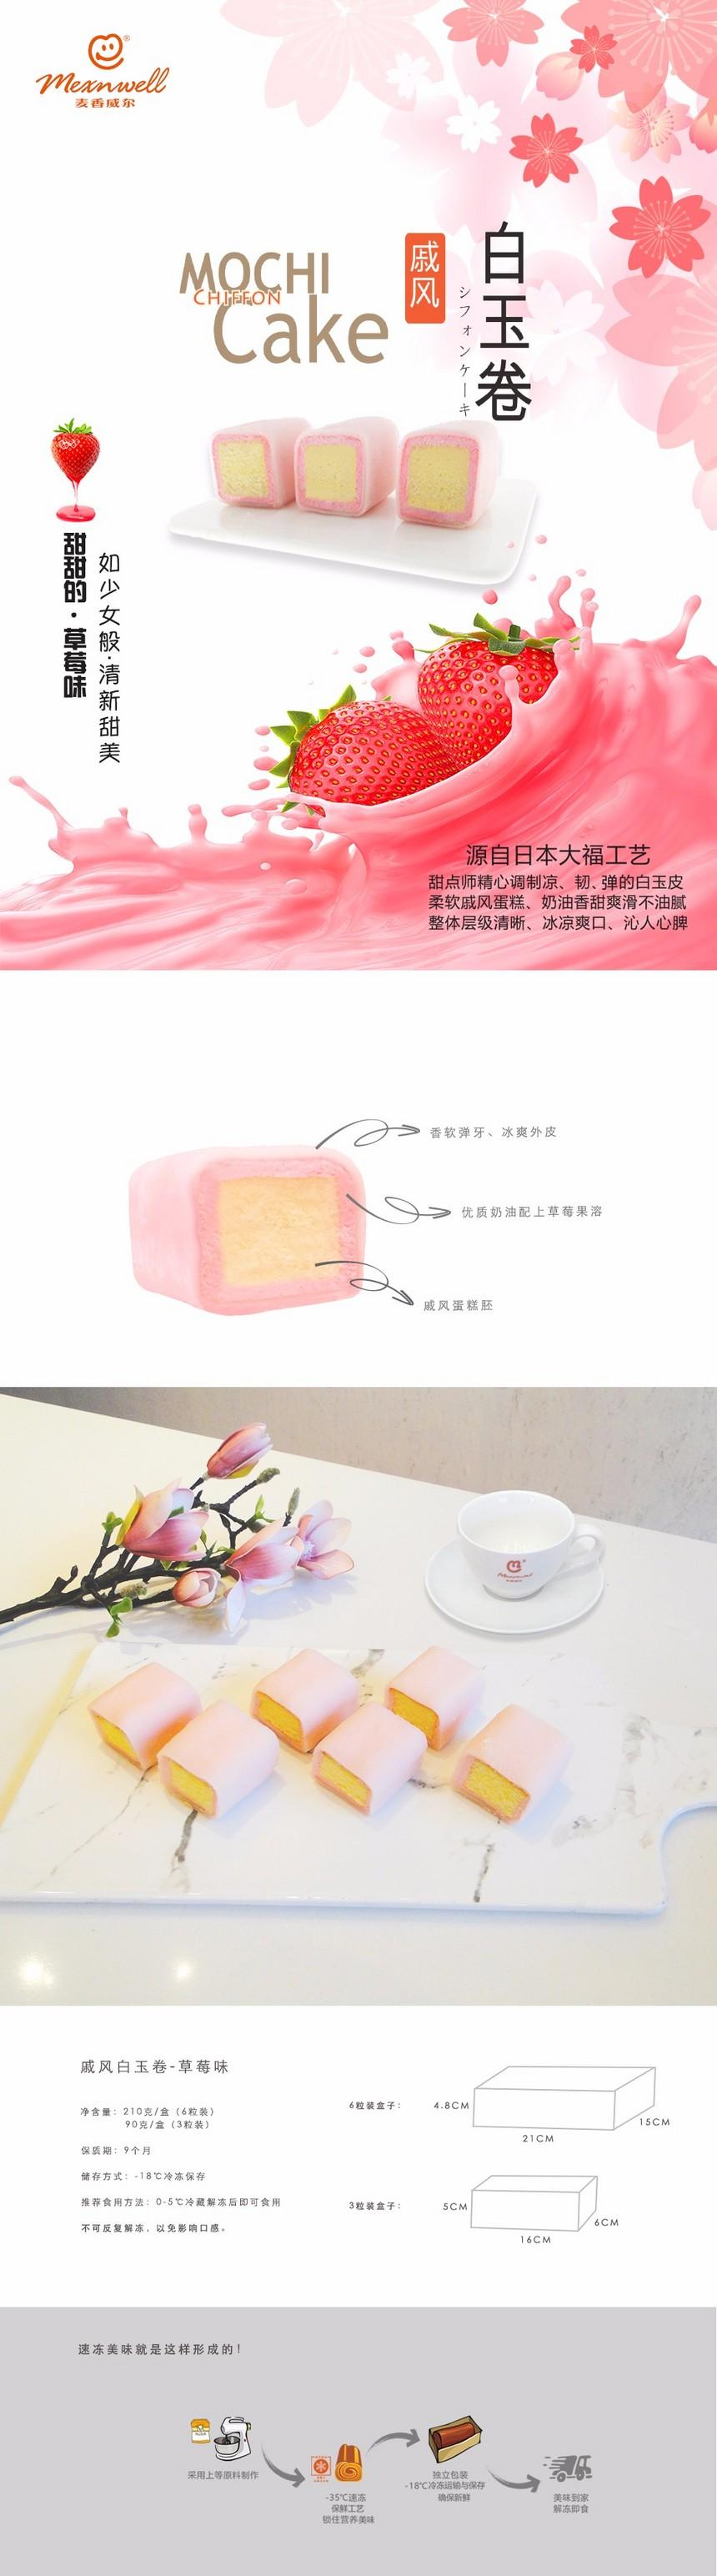 白玉卷草莓详情页.jpg